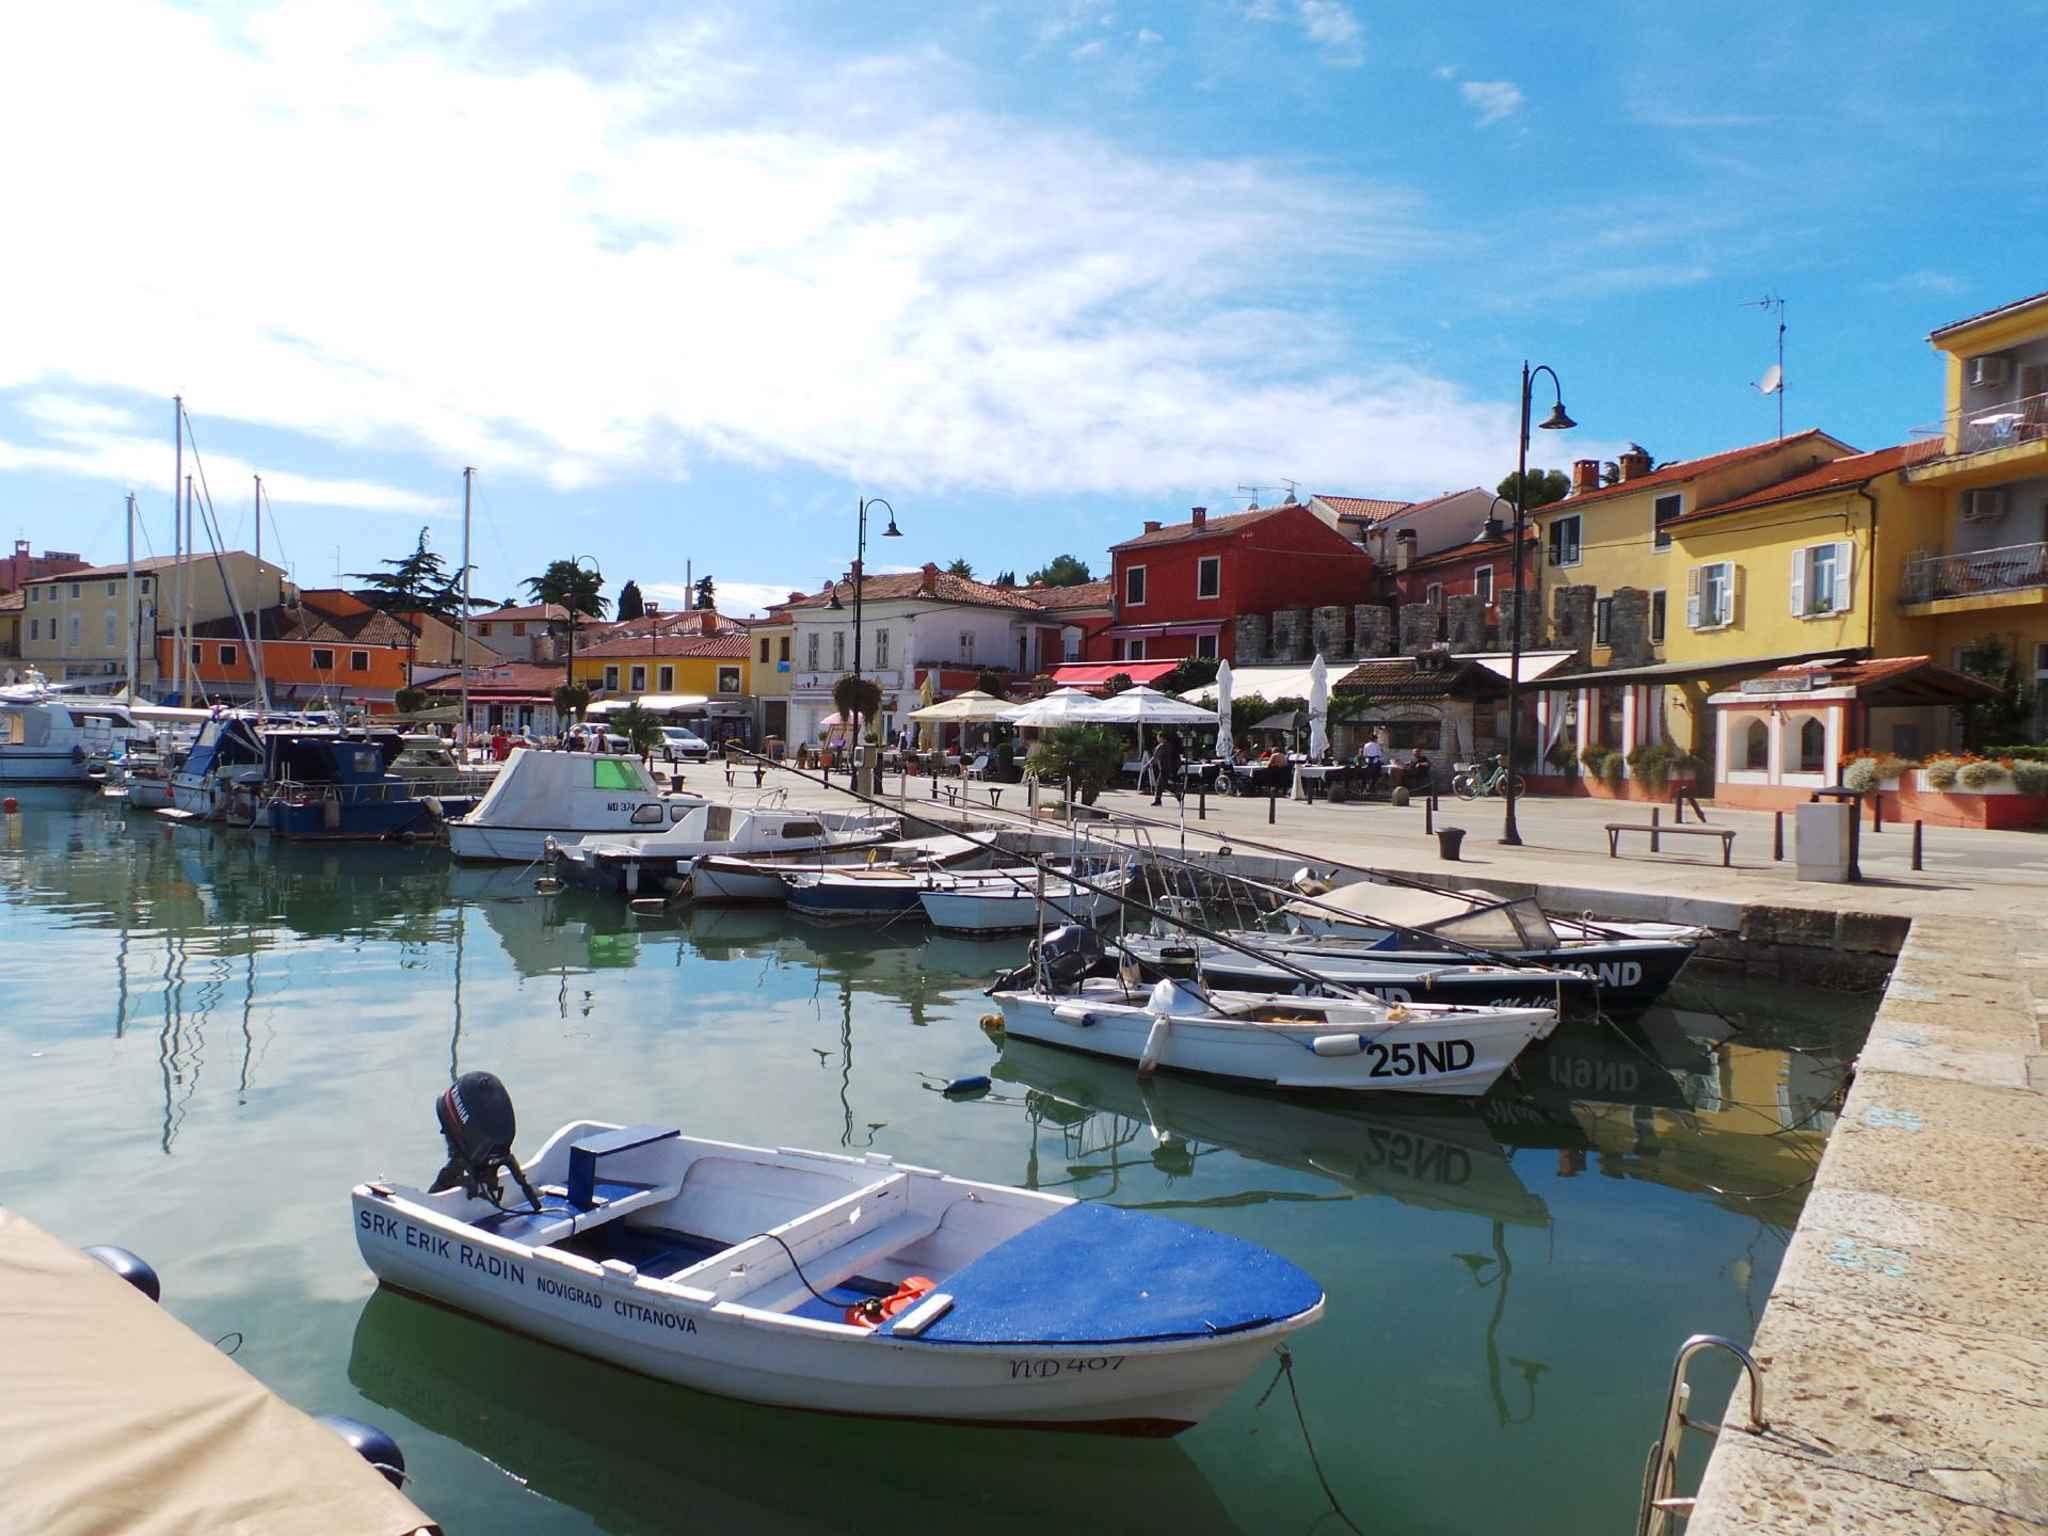 Ferienwohnung mit 4 Bäder nur 250 m von der Adria (278909), Zadar, , Dalmatien, Kroatien, Bild 27